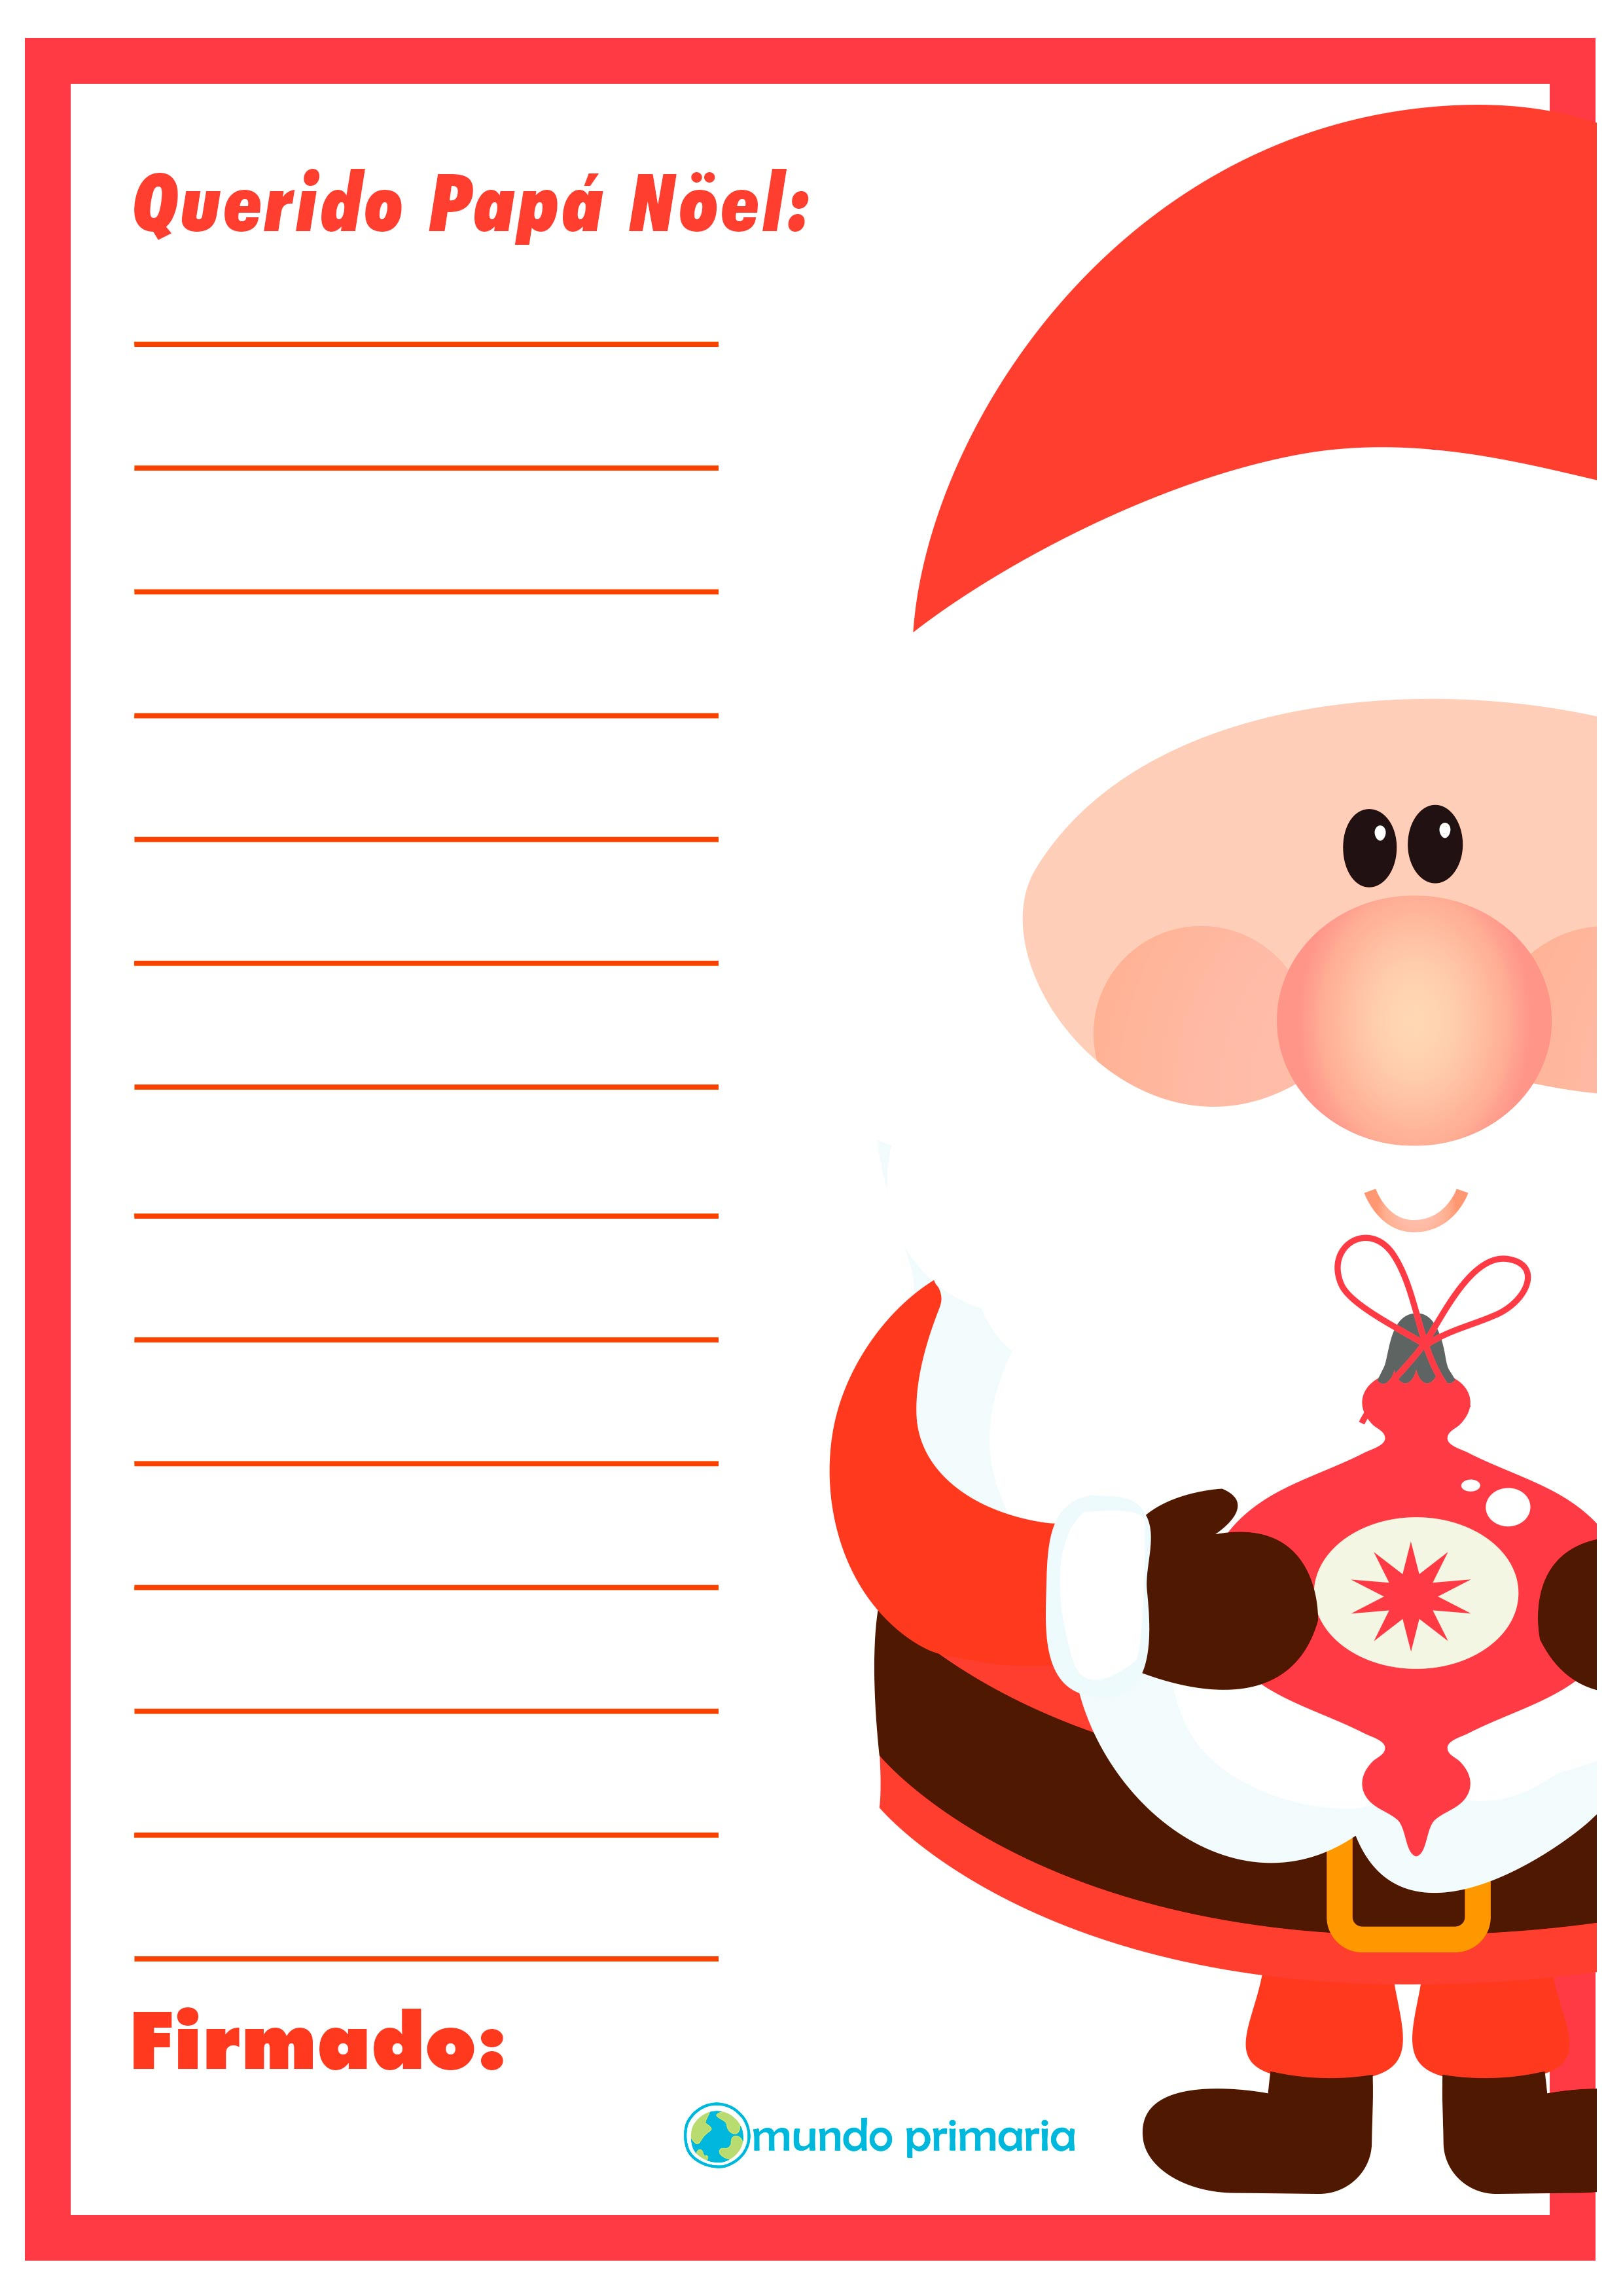 Navidad para niños. Recursos didácticos para Navidad.